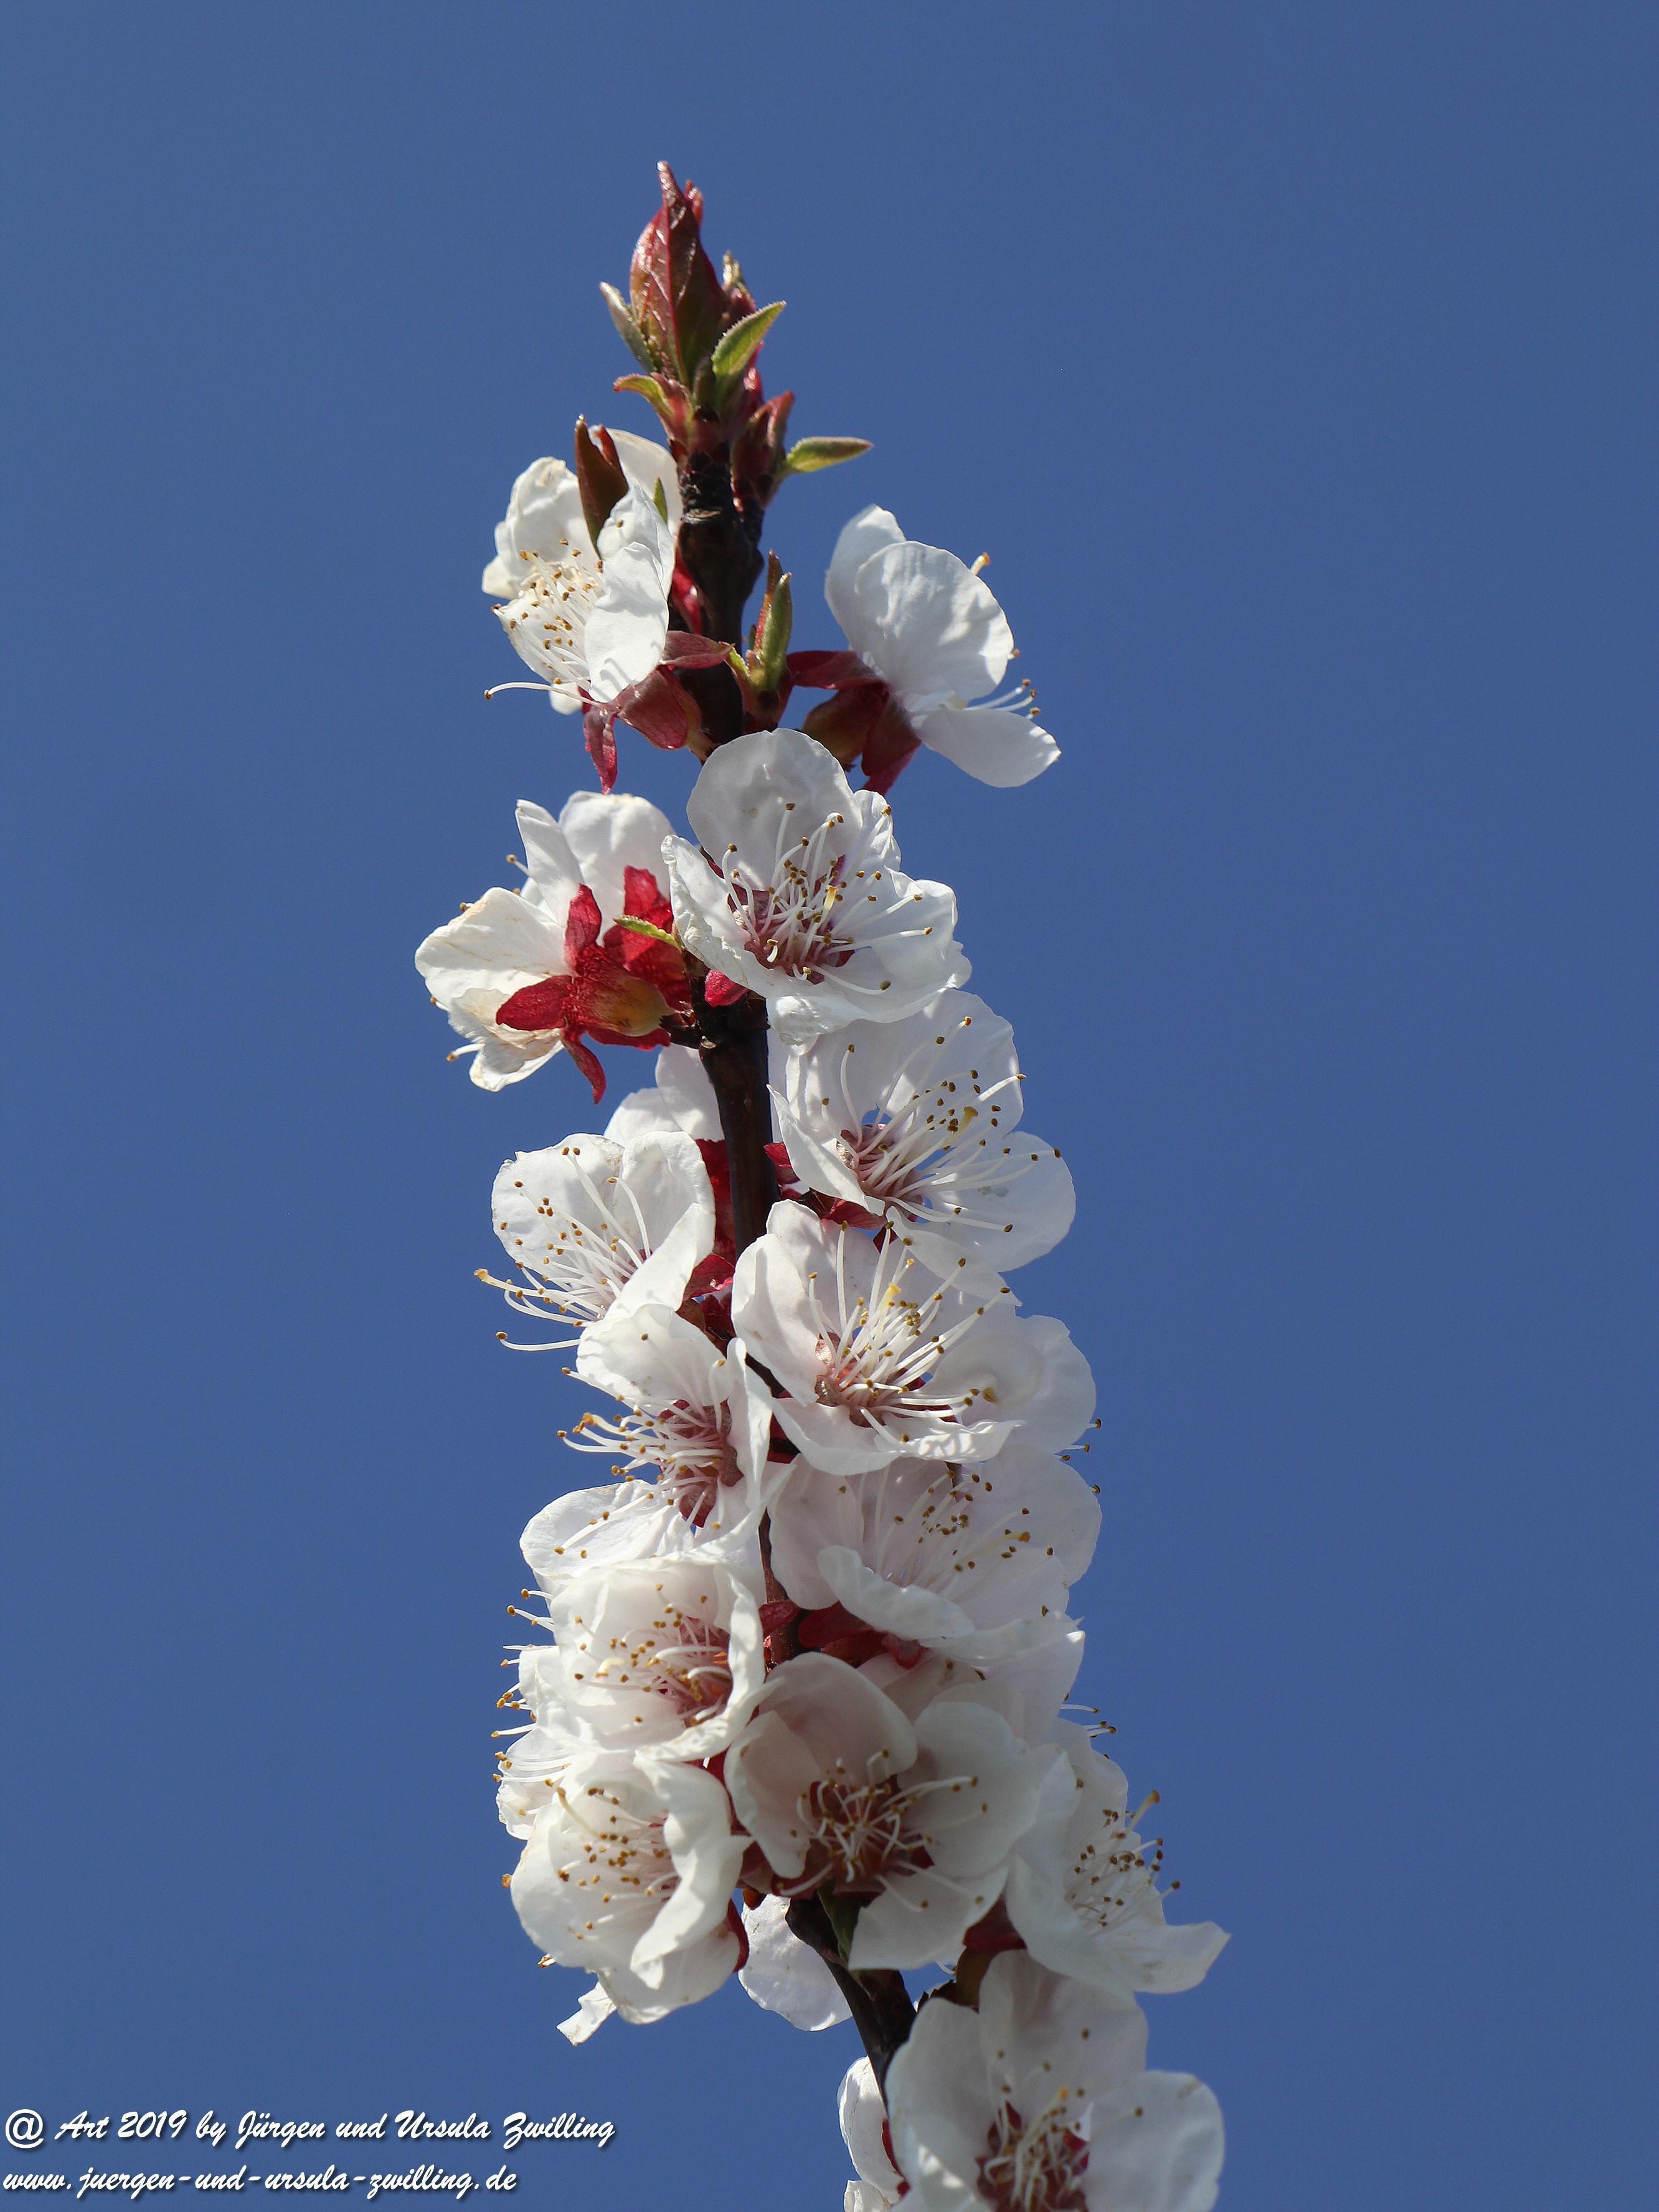 Aprikosenblüten 12